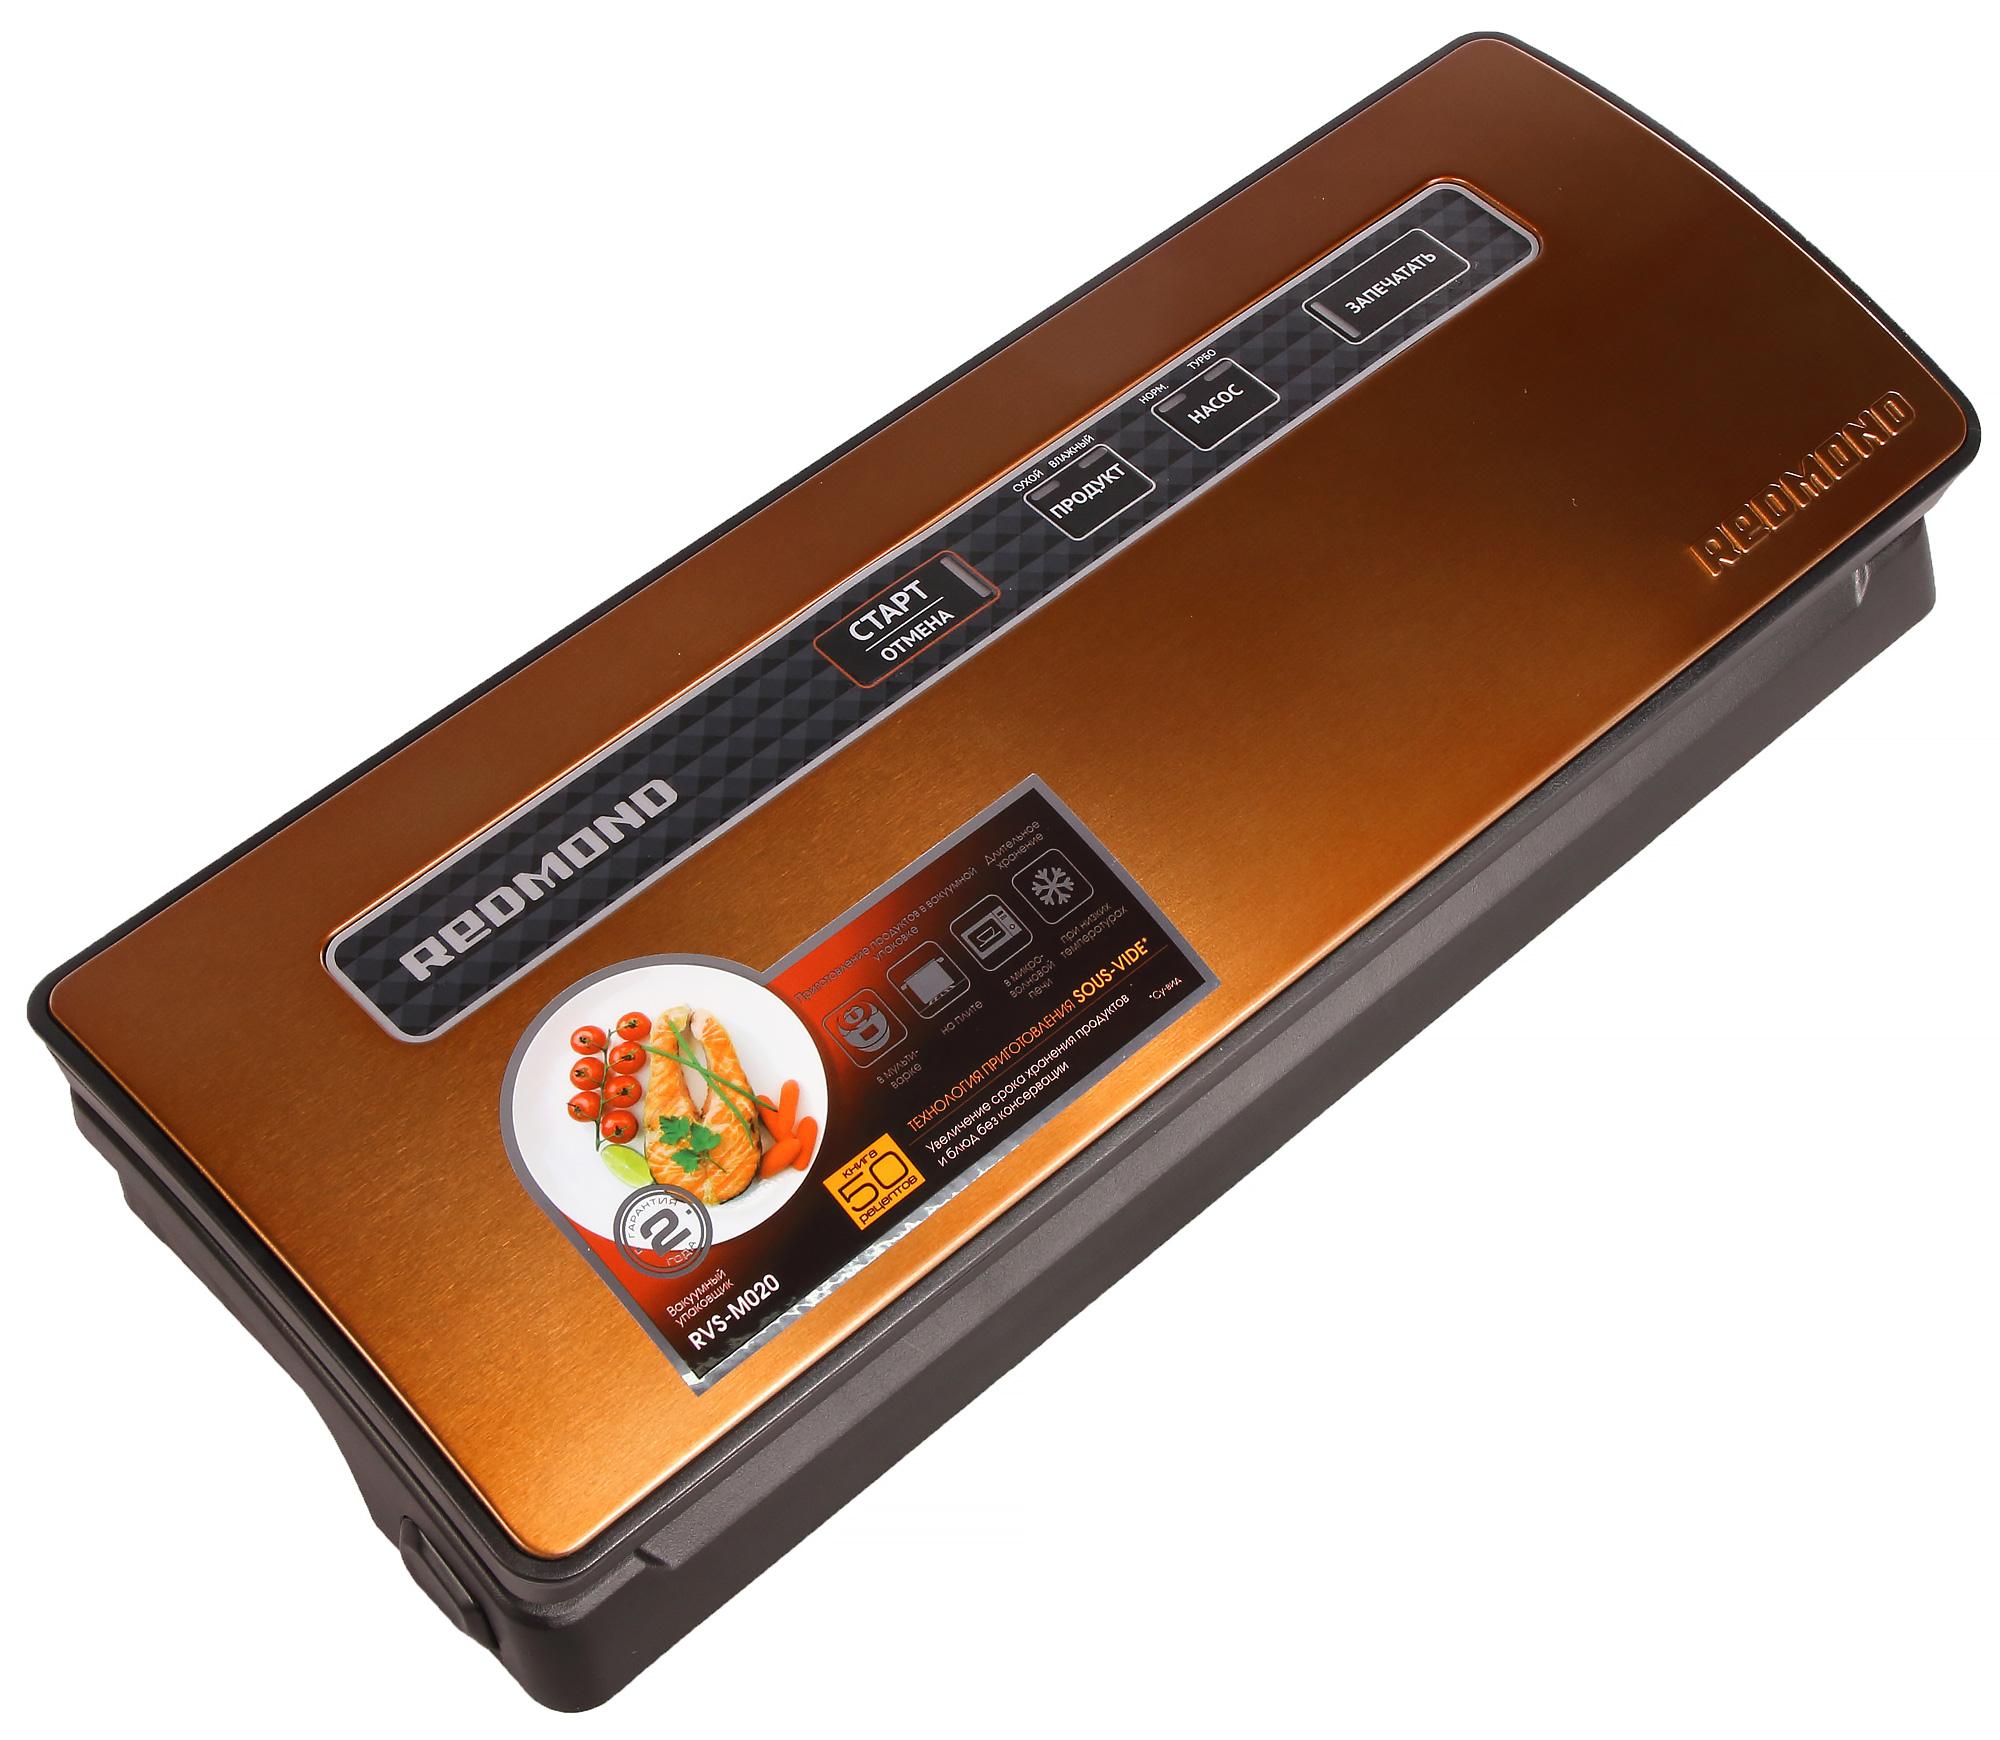 Вакуумный упаковщик redmond rvs m020 книга рецептов xiaomi массажер для глаз